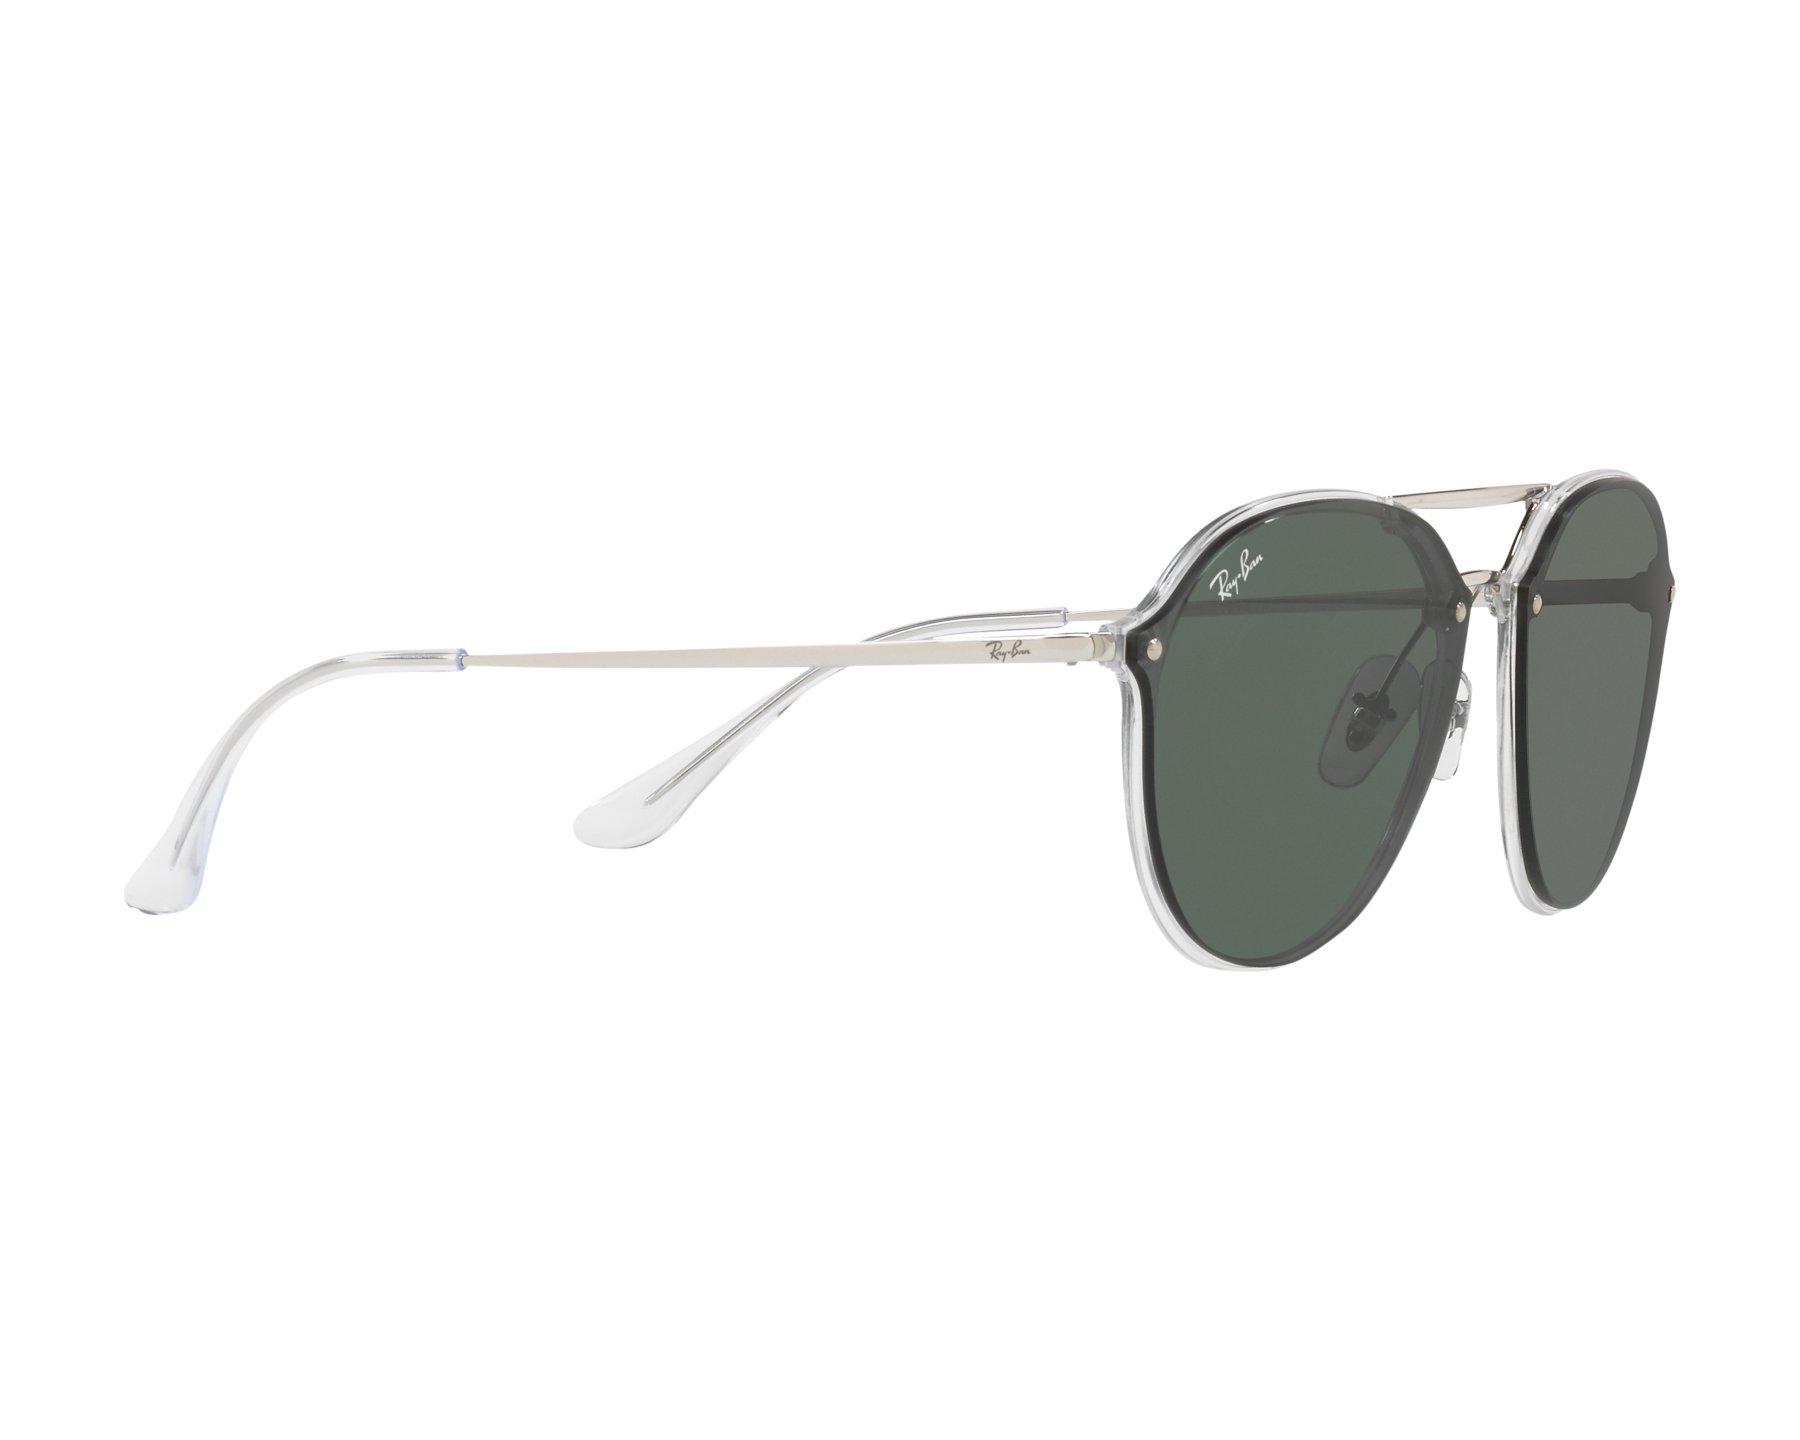 f2fcb74a4dd978 Sunglasses Ray-Ban RB-4292-N 632571 62-14 Silver Crystal 360